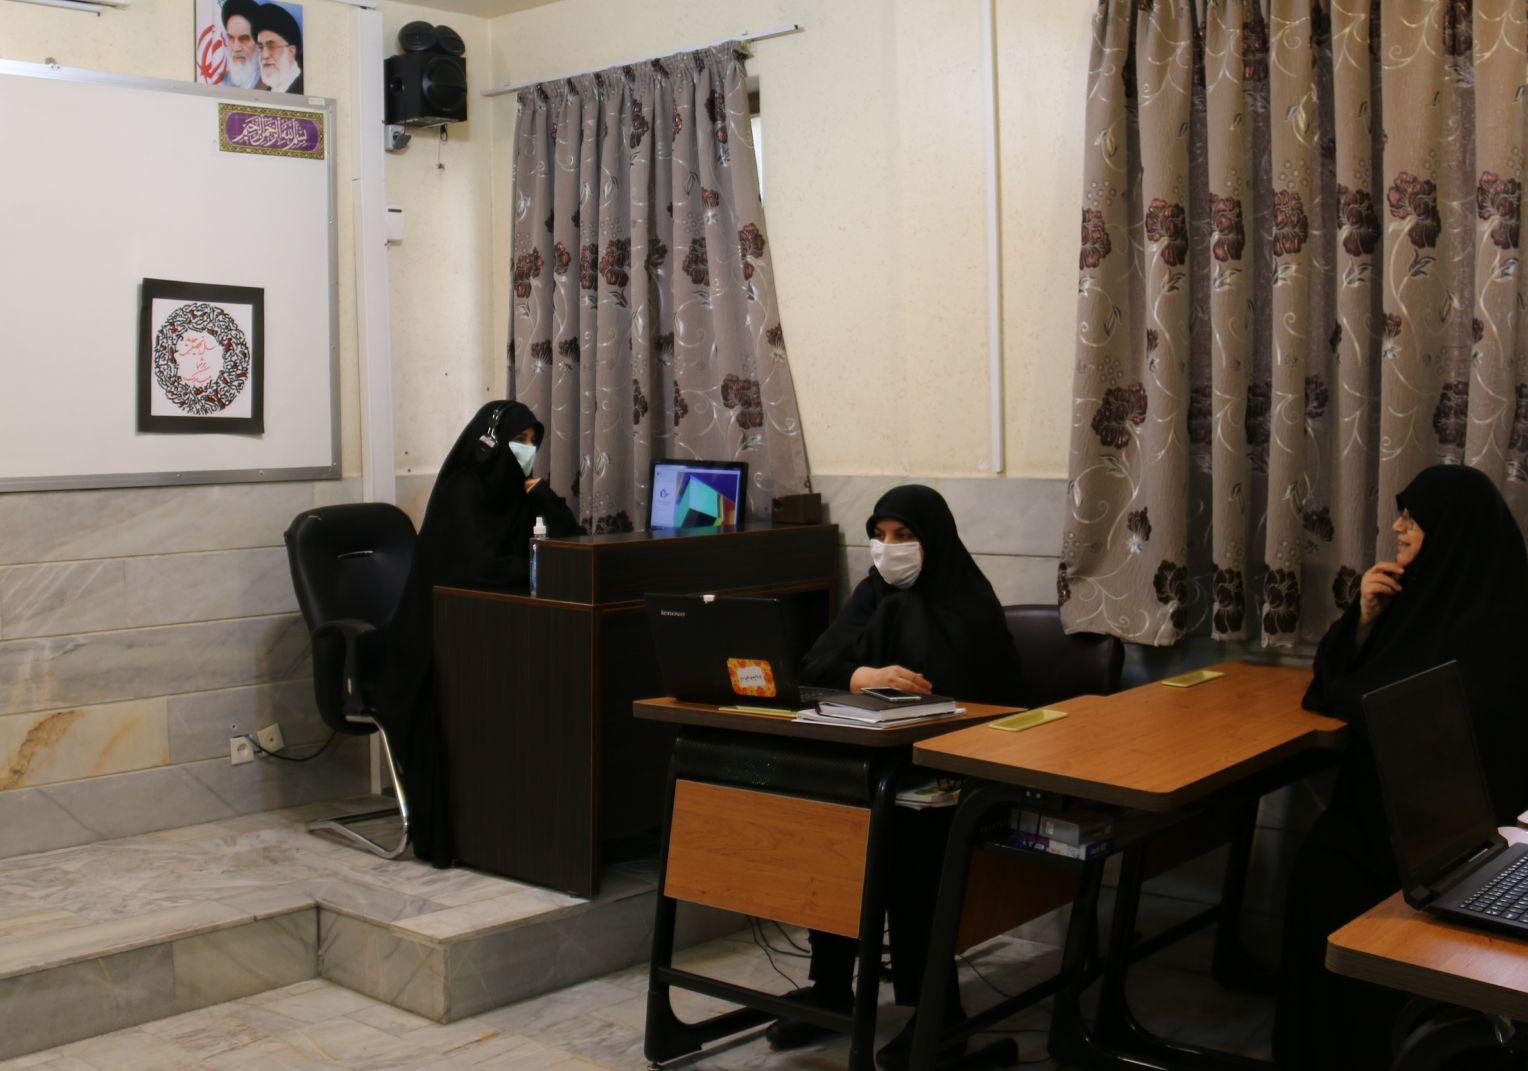 آغاز مهر هنرستان دخترانه رفاه با آموزش آنلاین